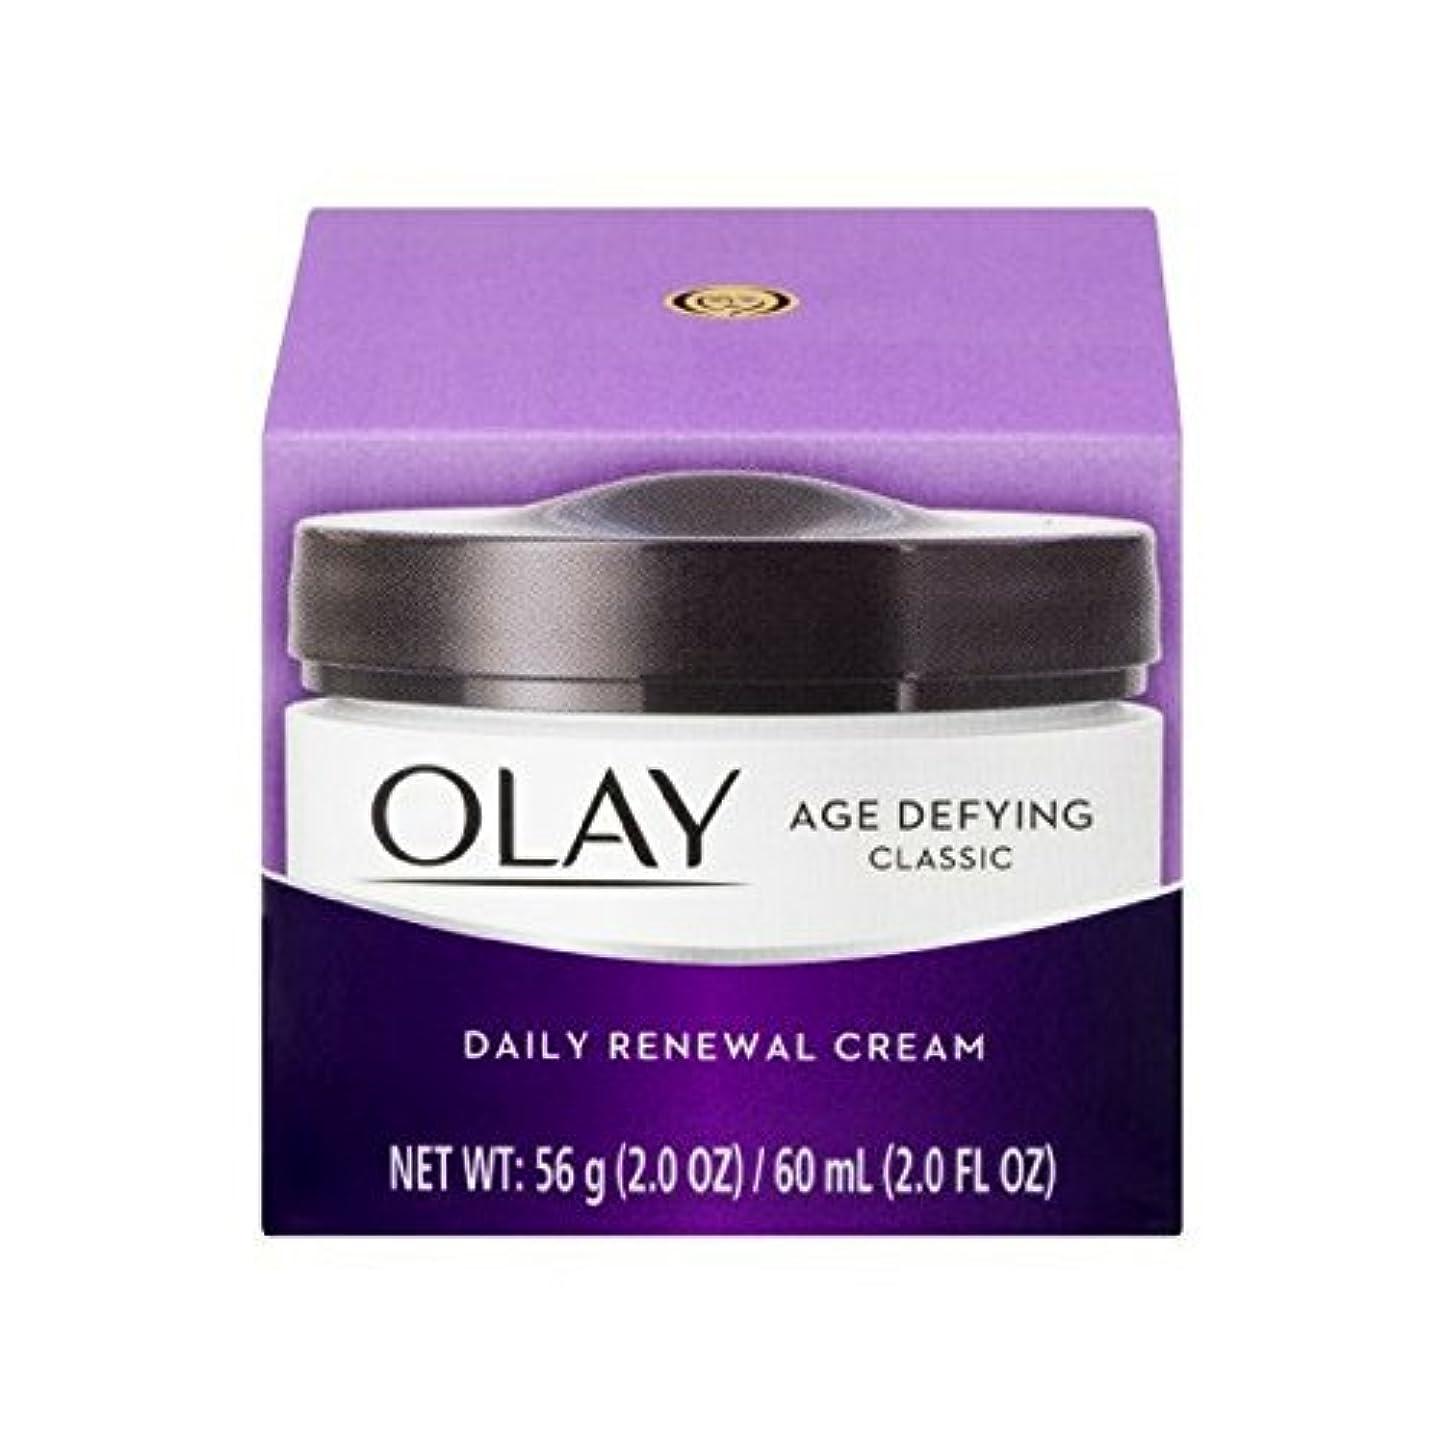 深い肘掛け椅子胃Olay Age Defying Daily Renewal Cream With Beta Hydroxy Complex 60 ml (並行輸入品)